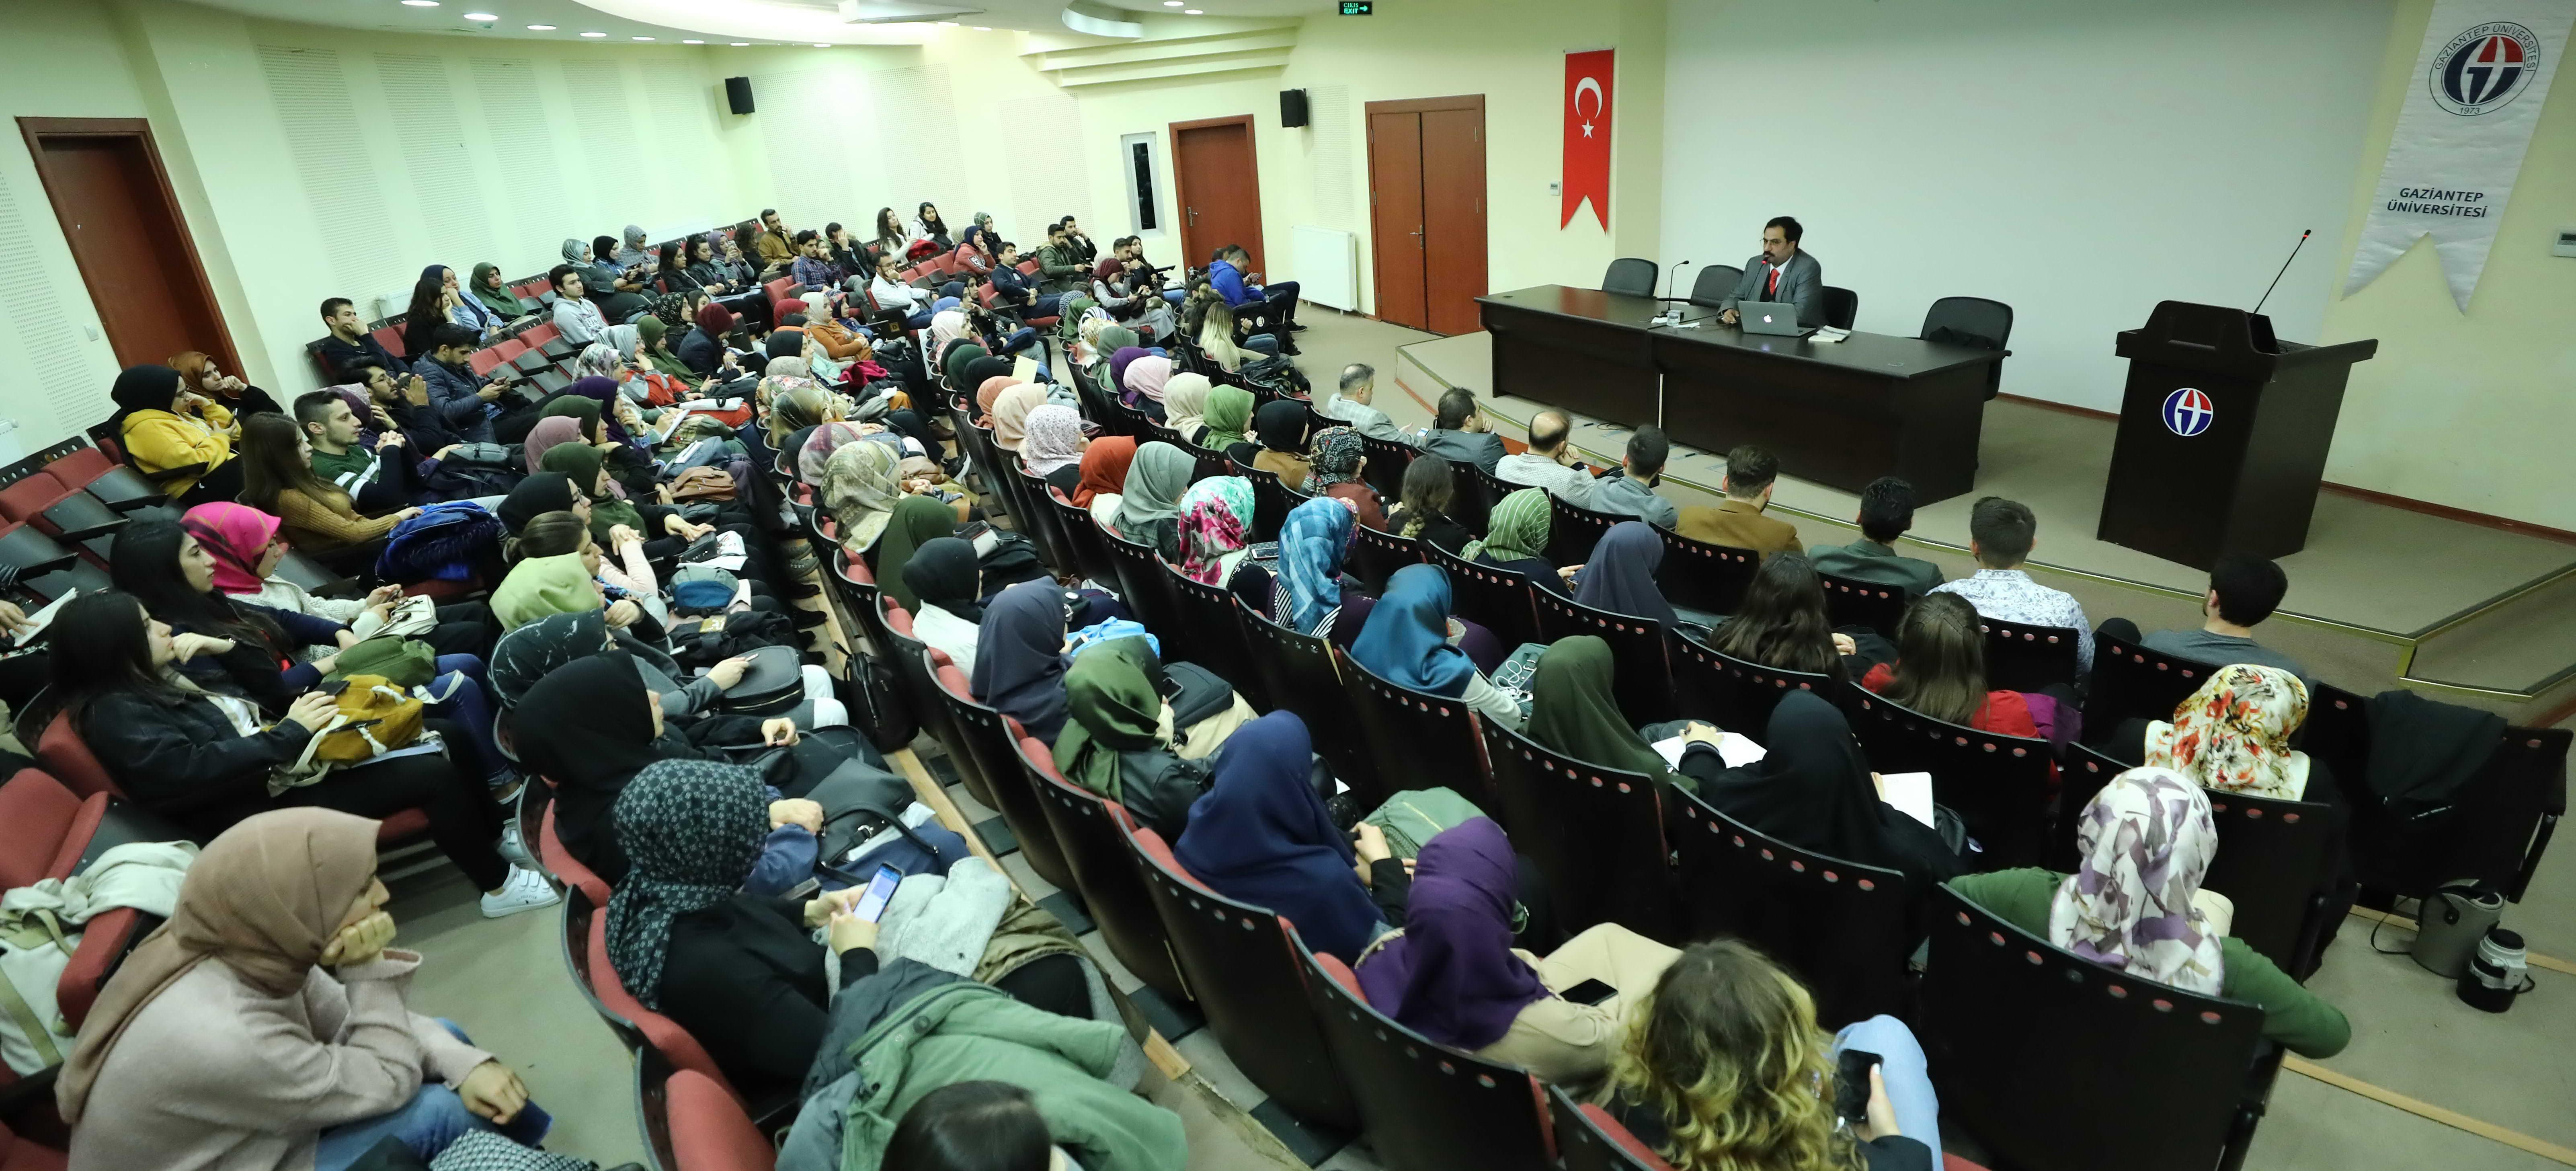 GAÜN ÖĞRETİM ÜYESİ GENÇ'TEN İSTİKLAL MARŞI KONFERANSI -  (2)